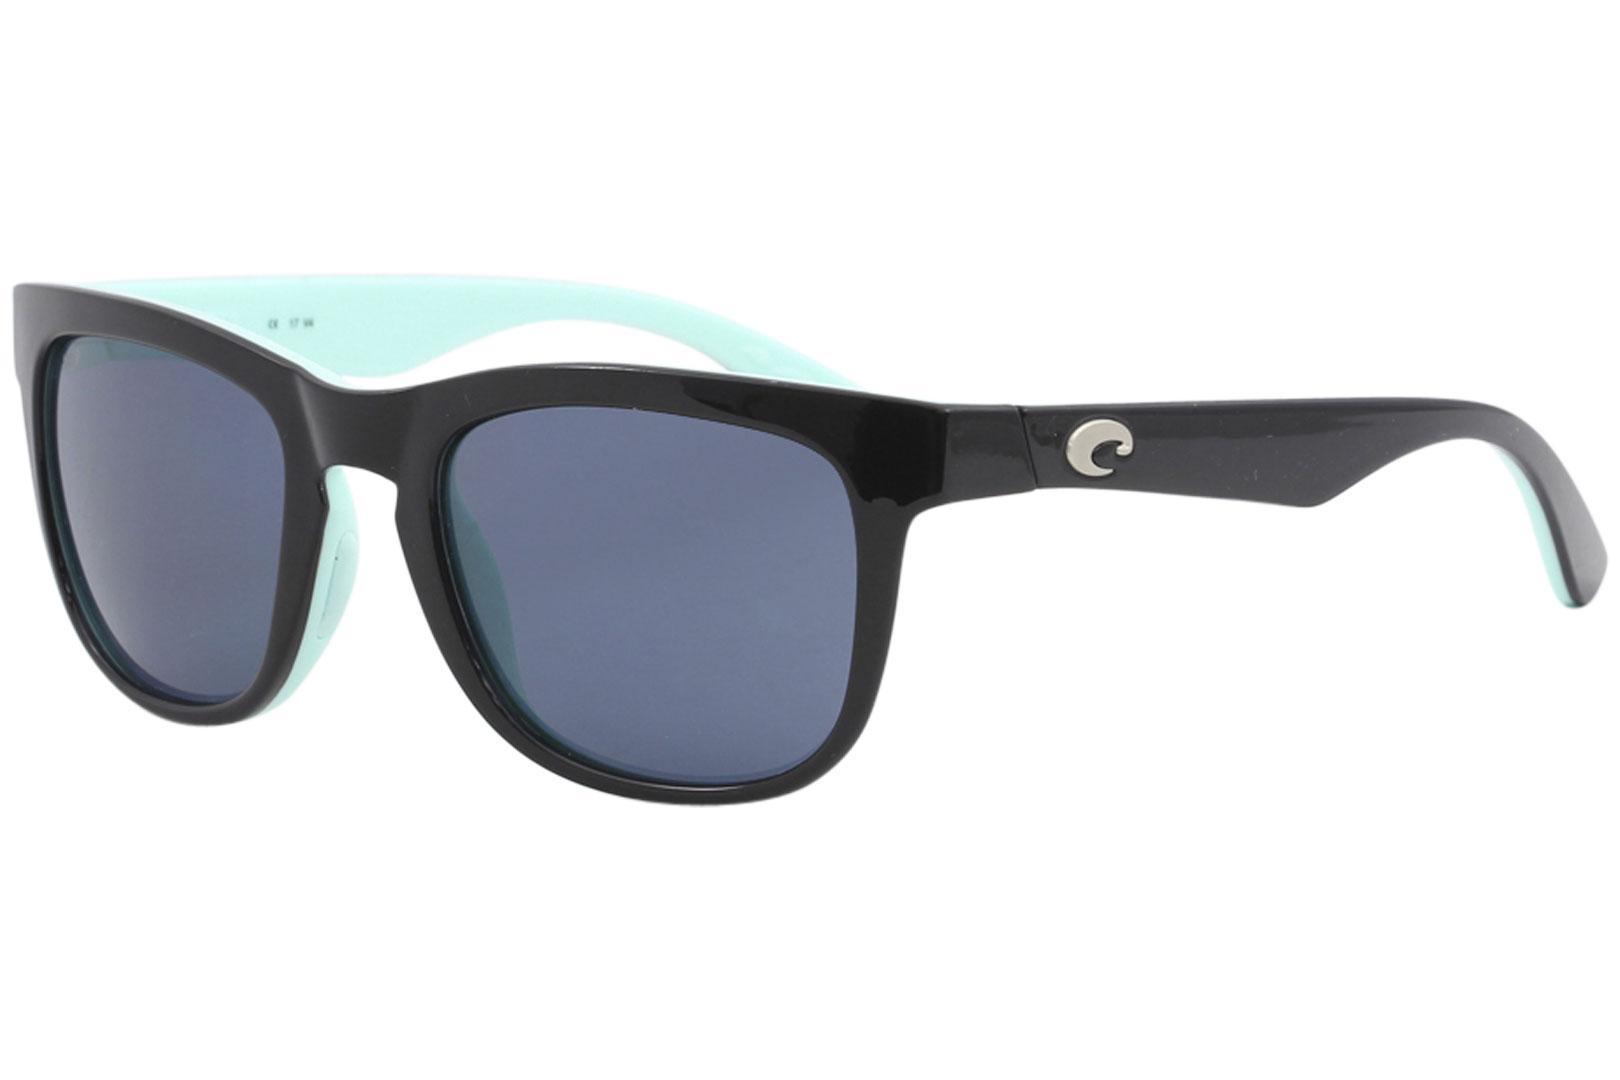 75fef890cc5 ... Copra Fashion Square Polarized Sunglasses by Costa Del Mar. Touch to  zoom